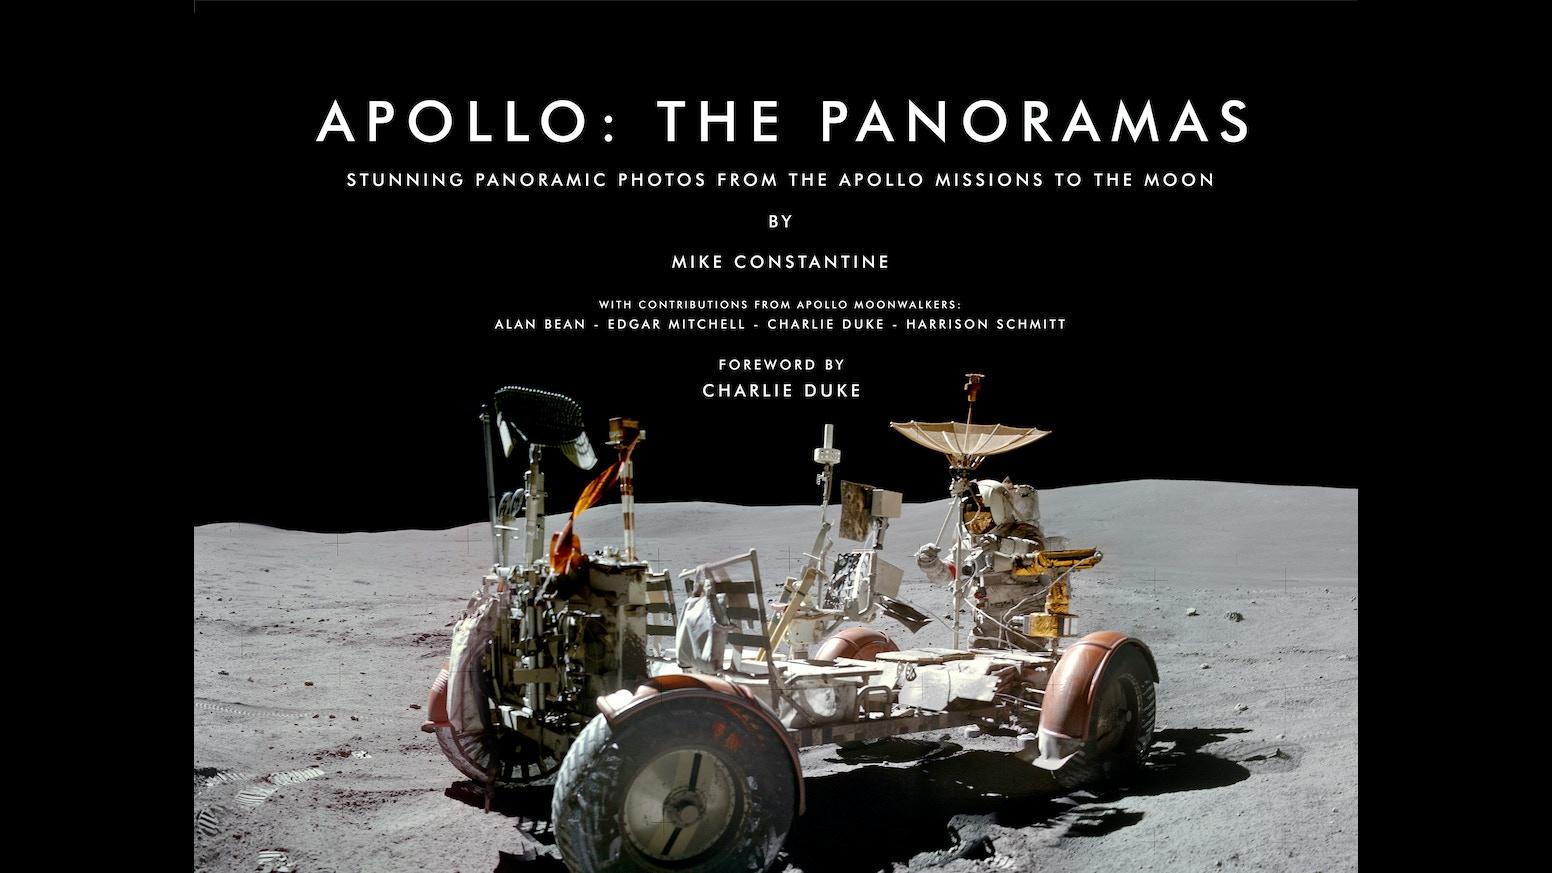 apollo space missions books - photo #10